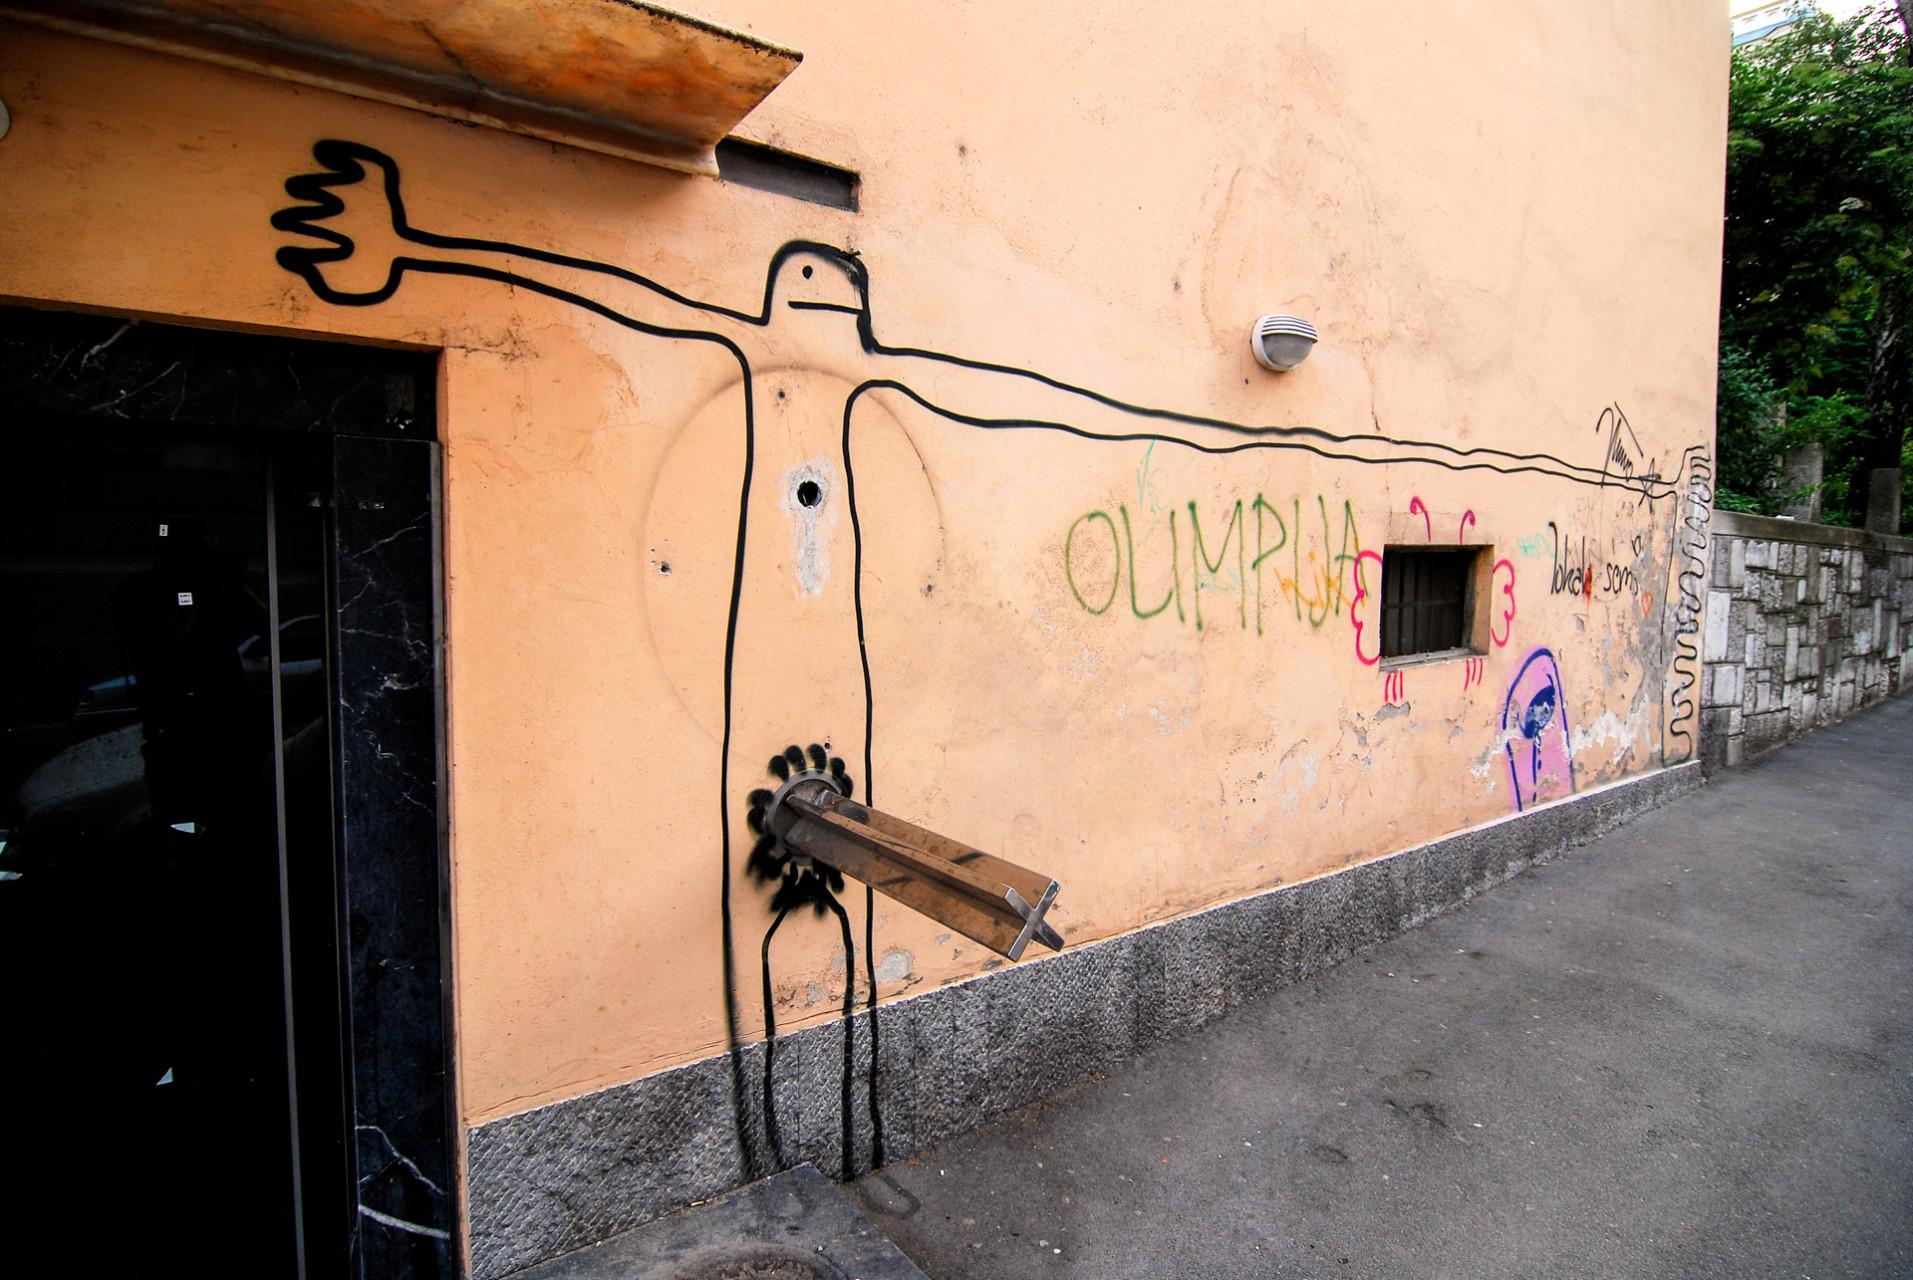 slovenia, Ljubljana 2007. Artwork.